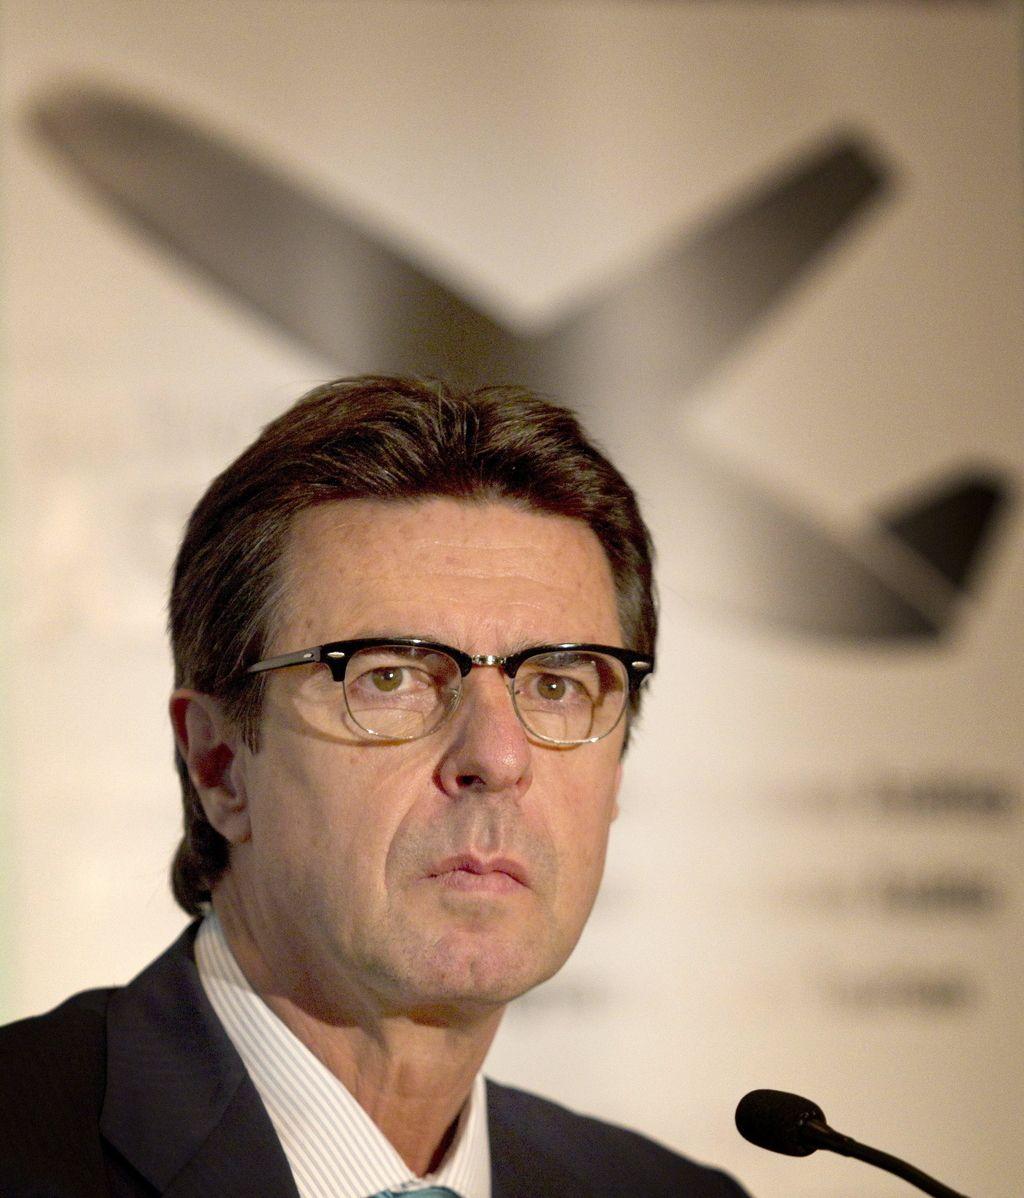 El ministro de Industria, José Manuel Soria. Foto: Efe